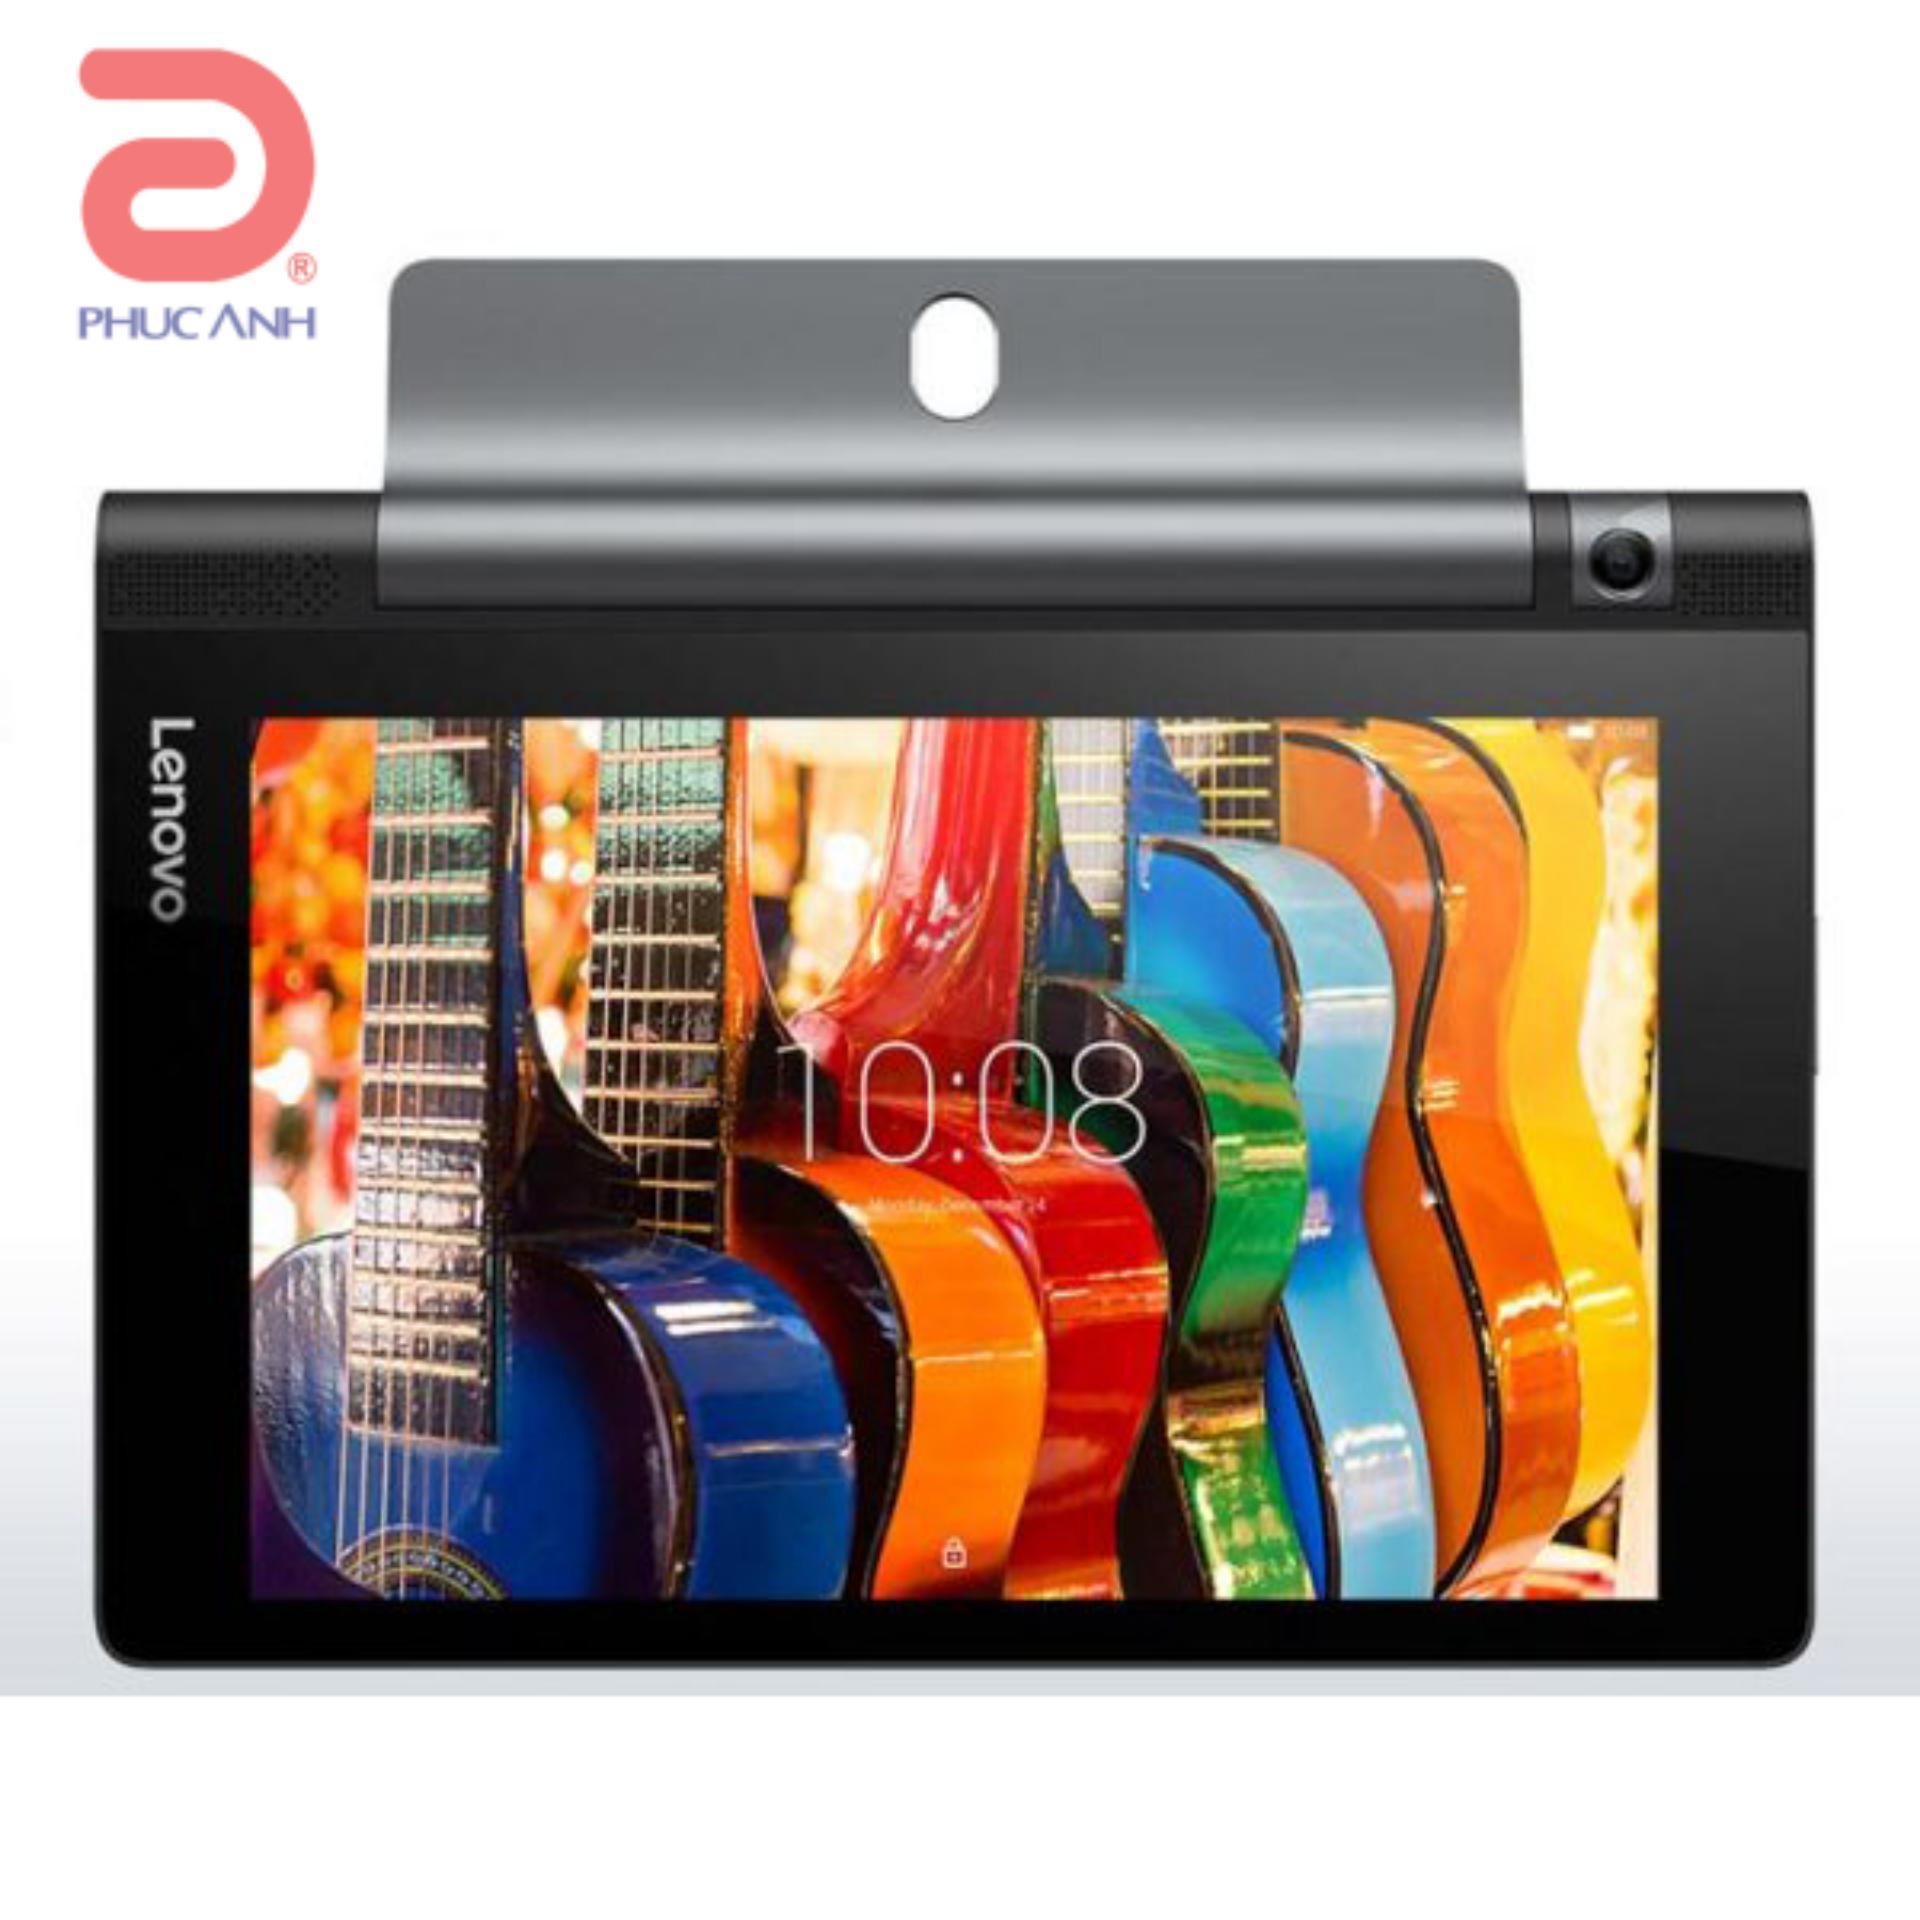 Giá bán Lenovo YT3 850M (ZA0B0039VN) (Black)- 16Gb/ 8.0Inch/ 4G + Wifi – Hàng chính hãng